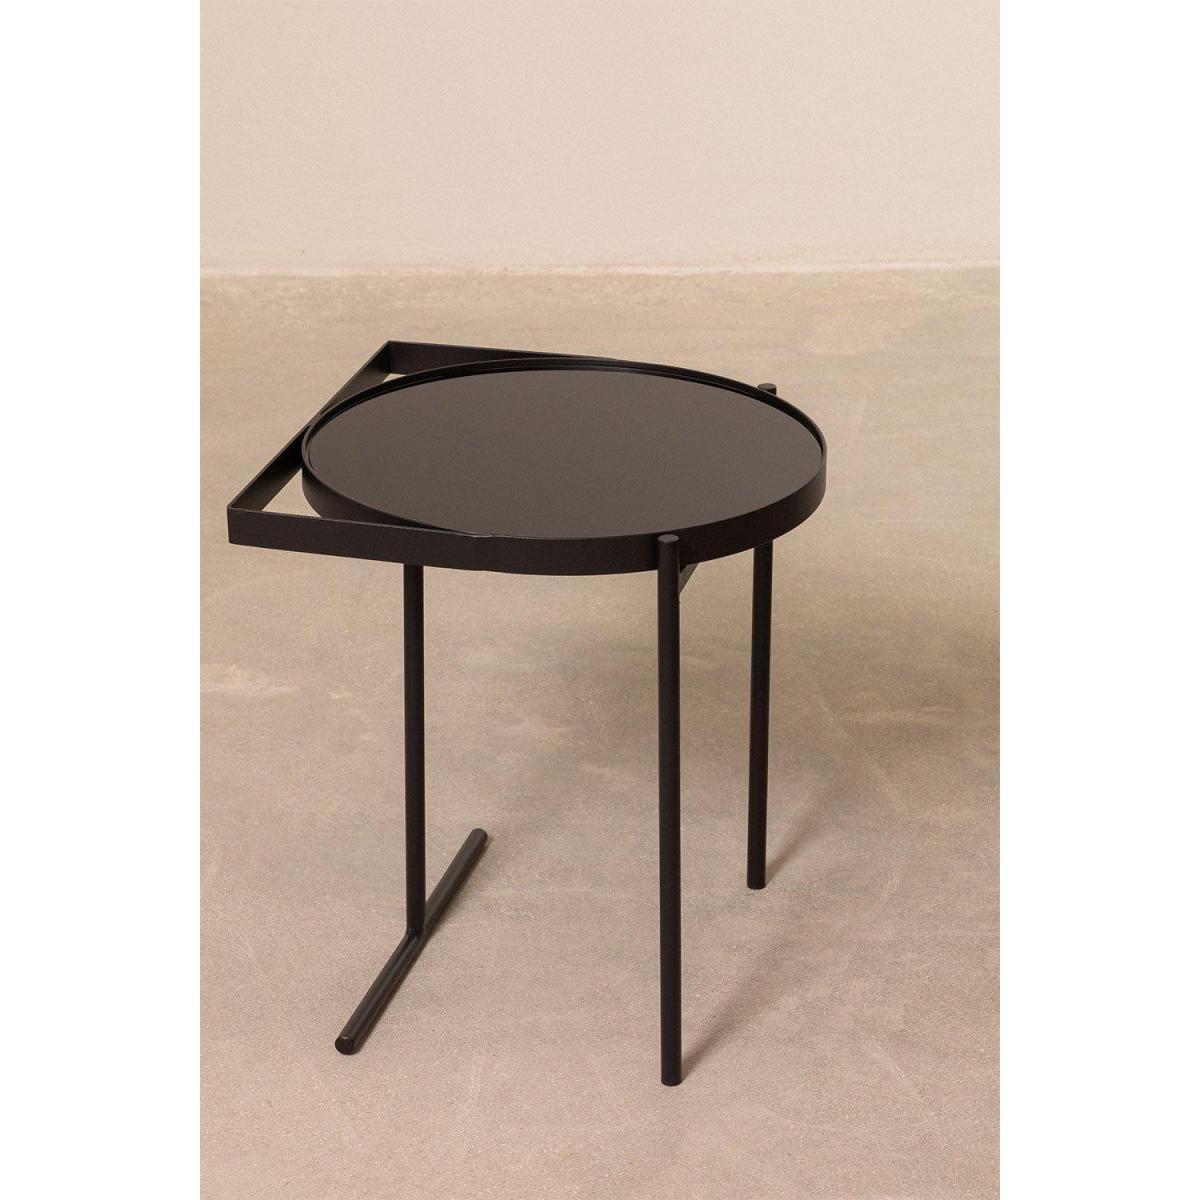 Stylez Table carré ronde noire